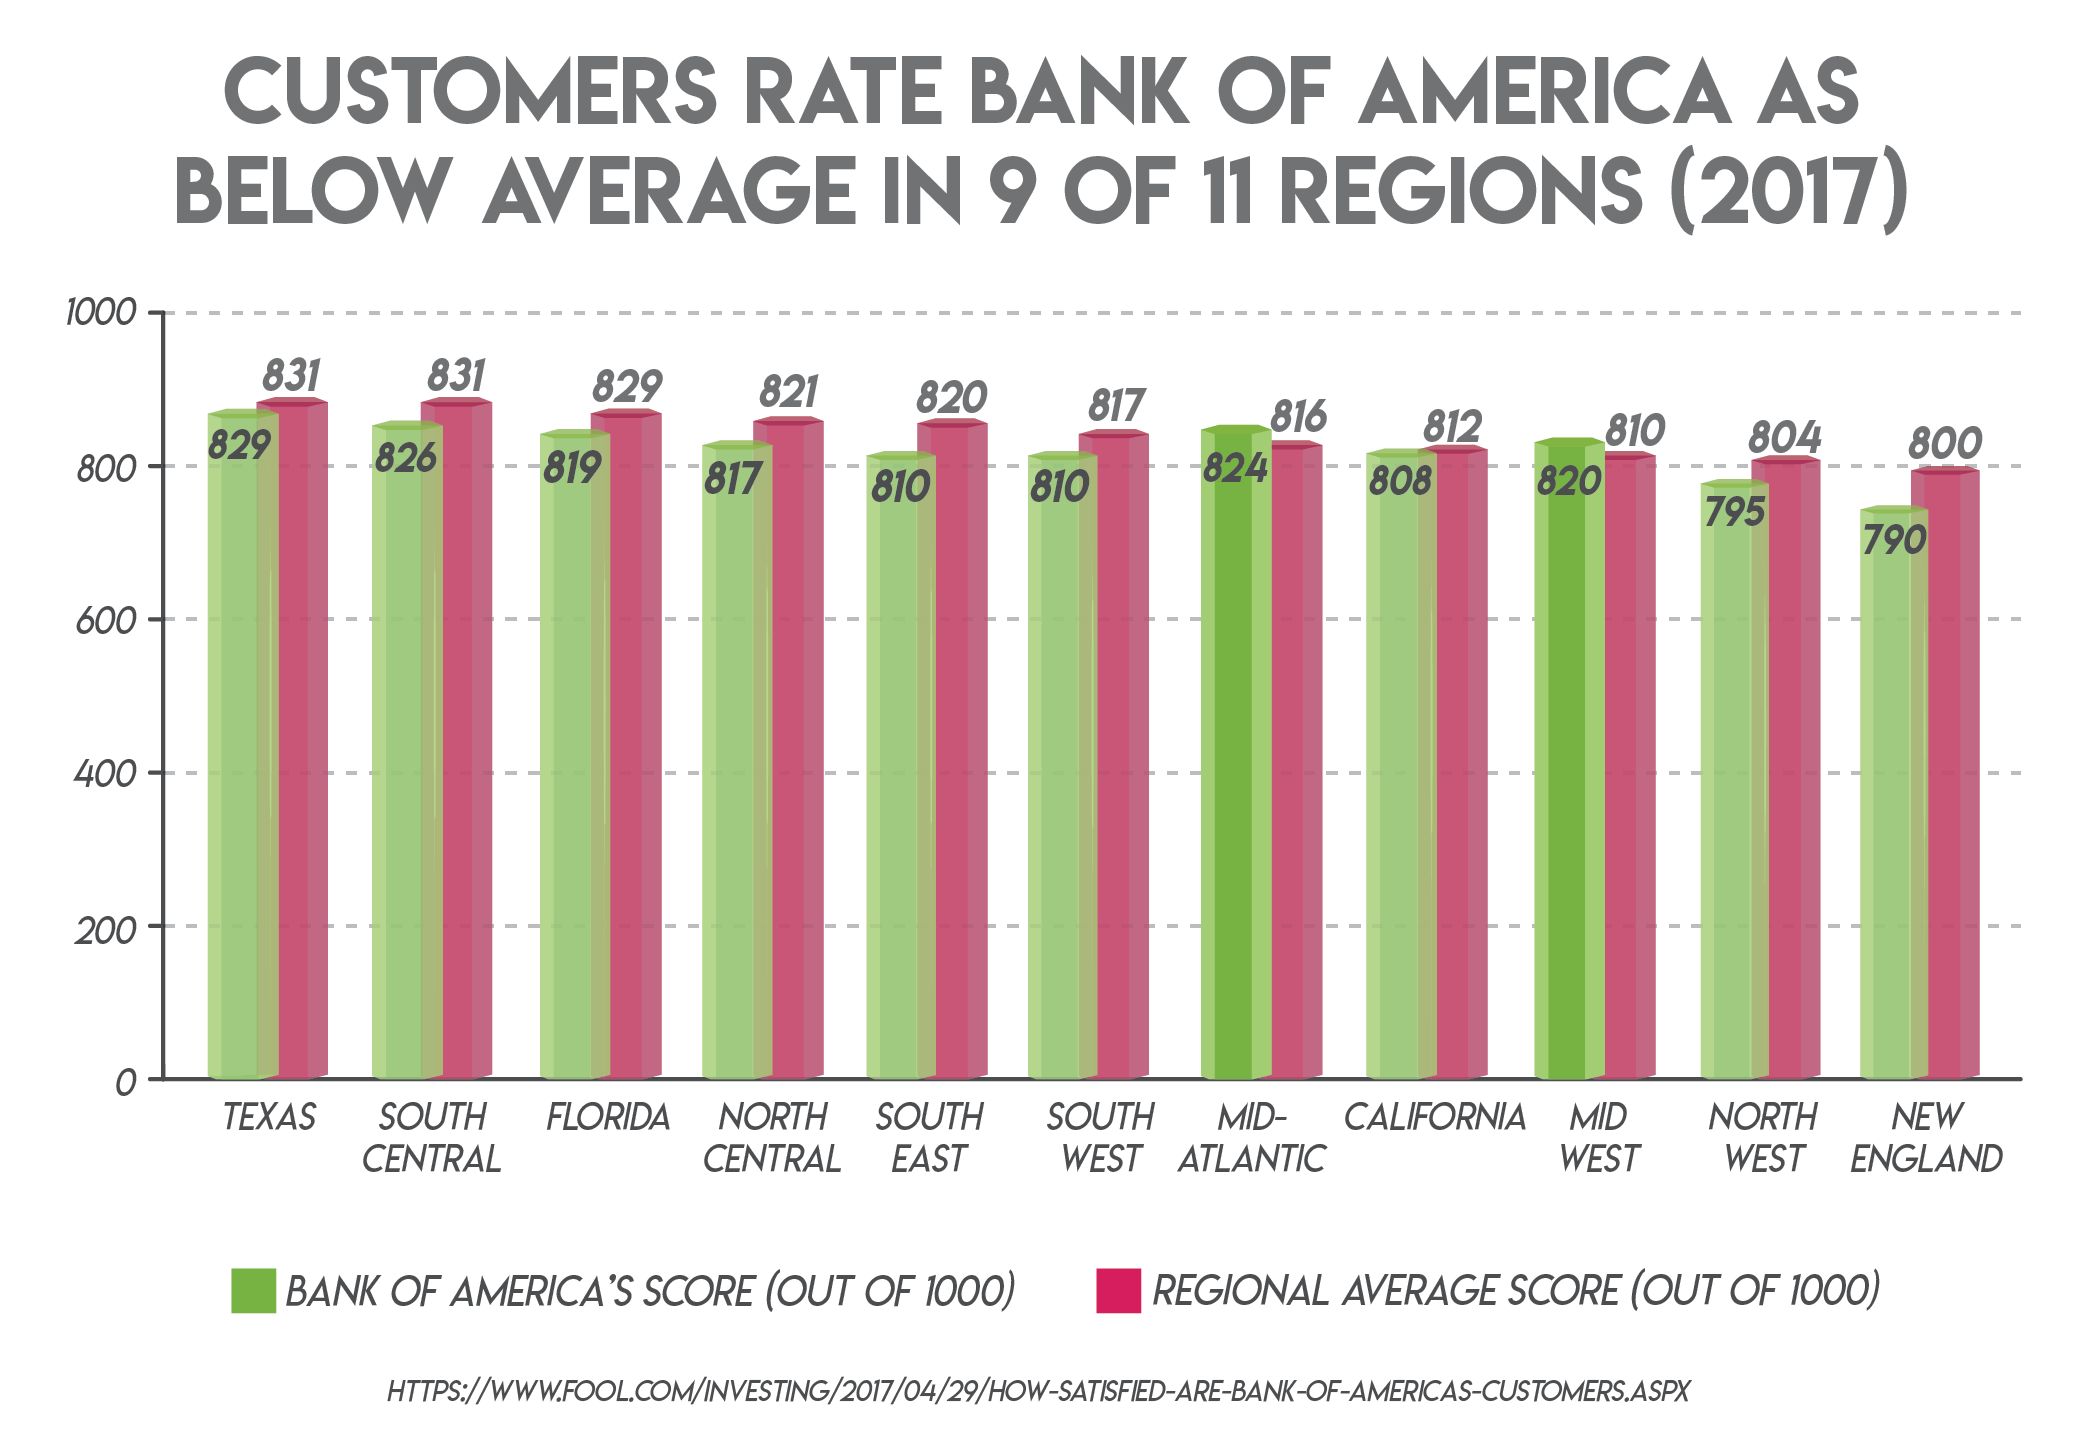 Customers rate Bank of America as below average in 9 or 11 regions (2017)